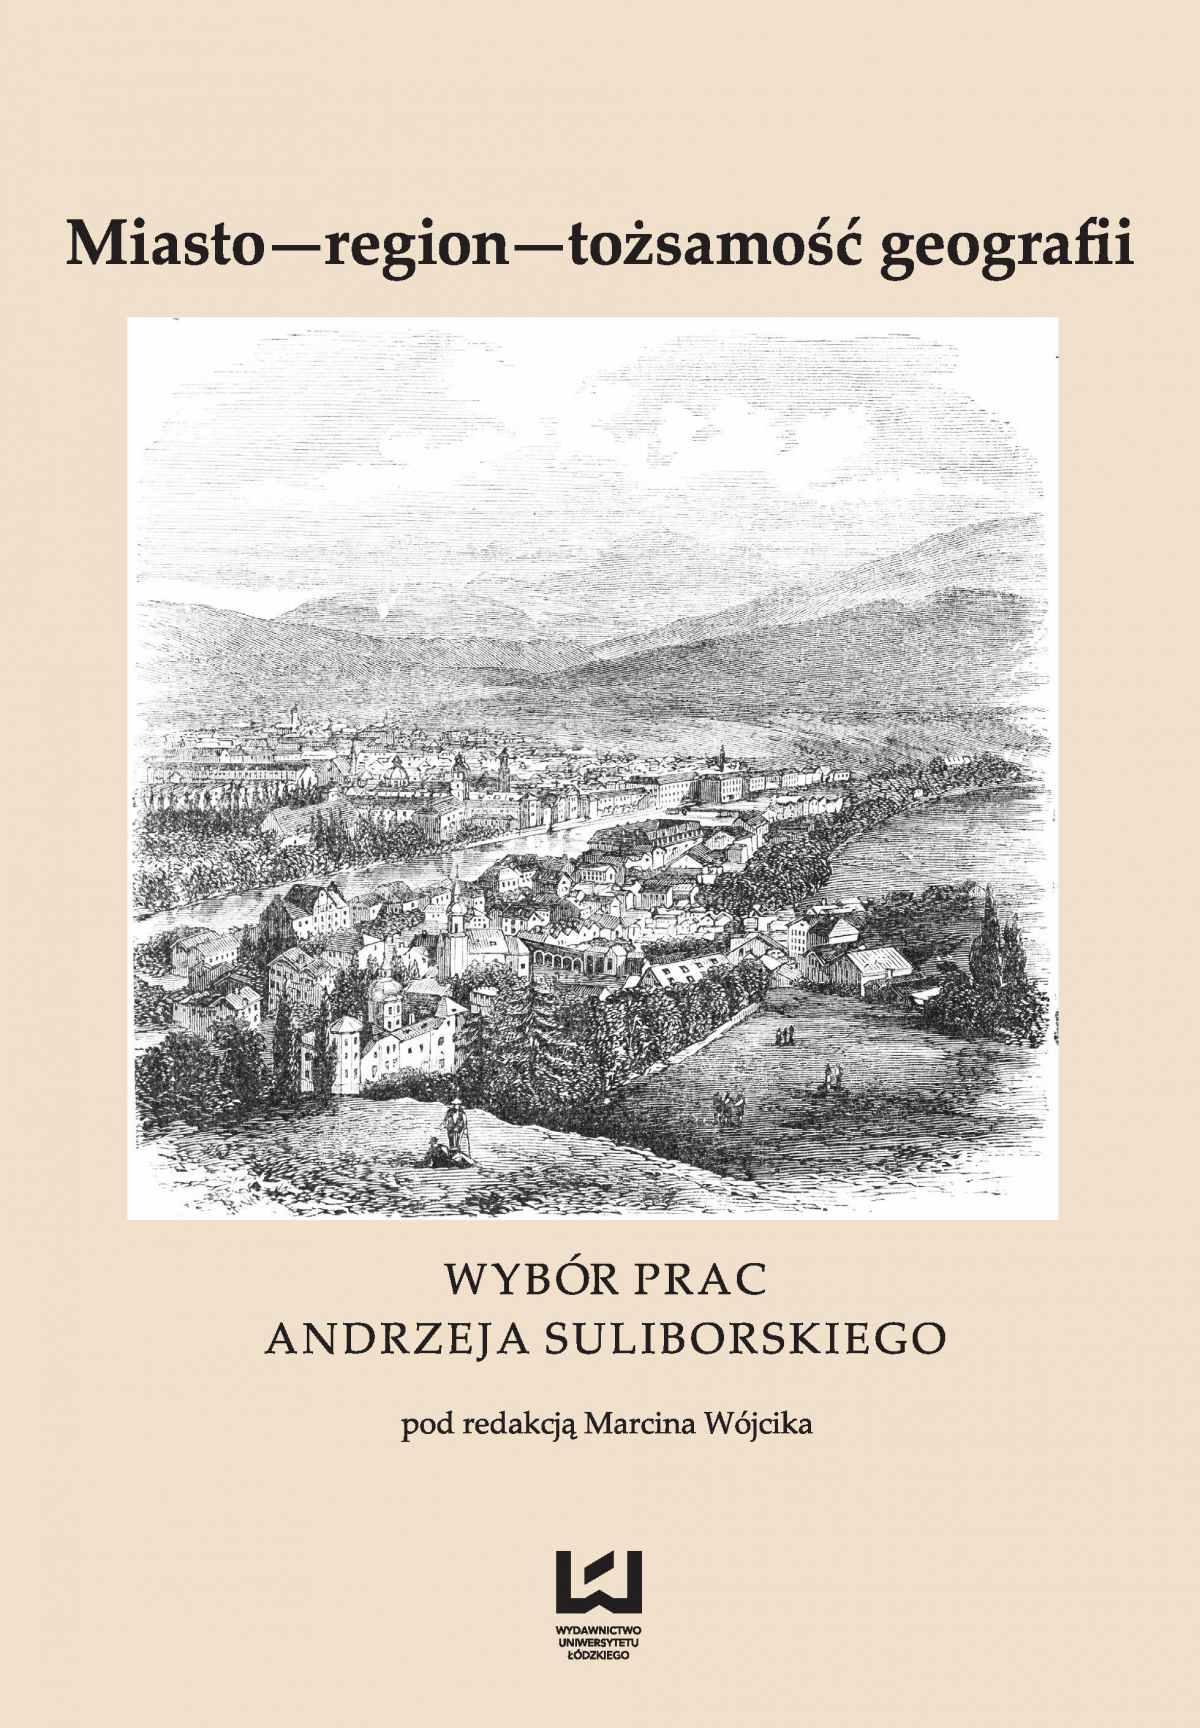 Miasto - region - tożsamość geografii. Wybór prac Andrzeja Suliborskiego - Ebook (Książka PDF) do pobrania w formacie PDF